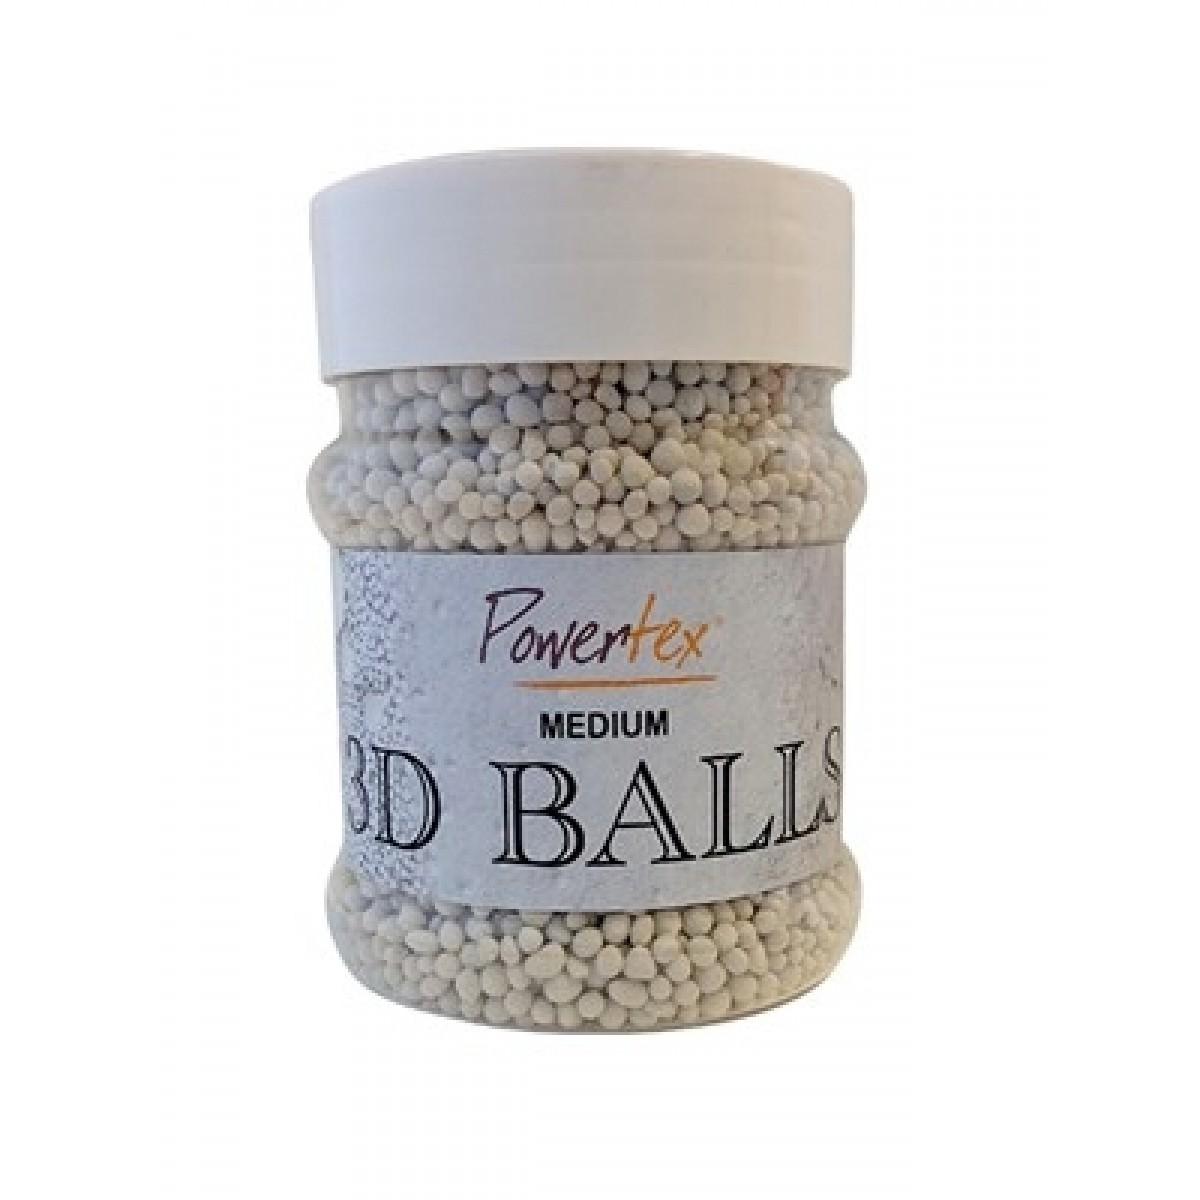 3D Balls-Medium